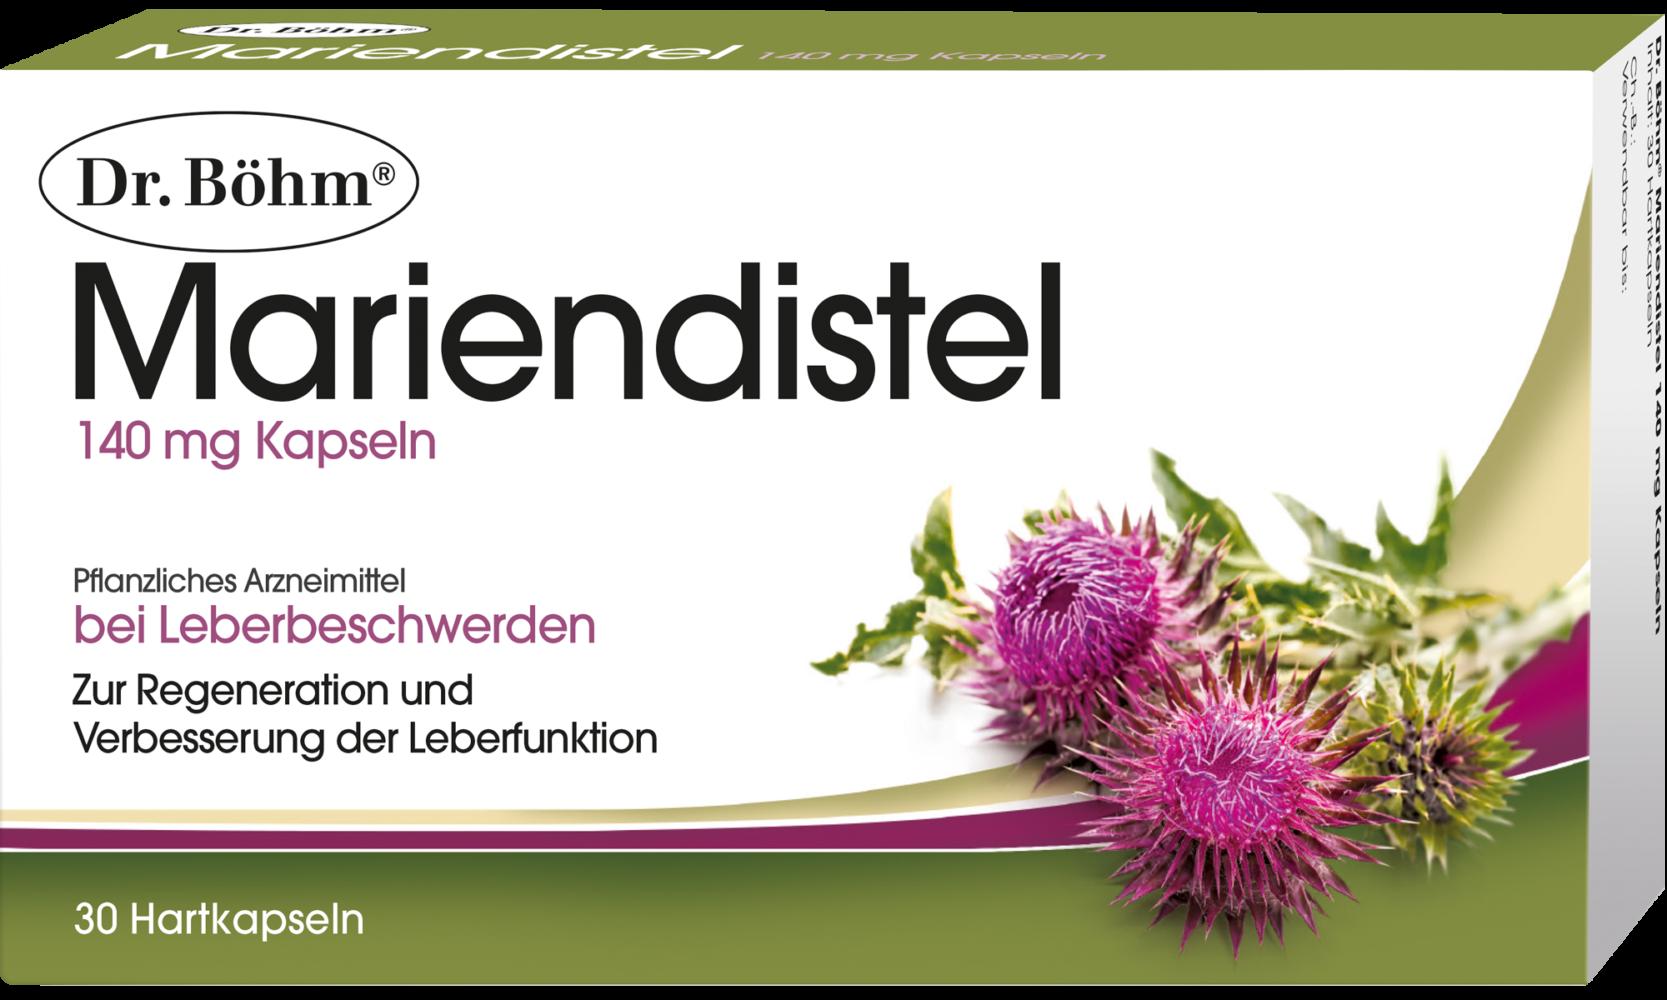 Dr. Böhm® Mariendistel. Für Leberfunktion und Regeneration der Leber ...